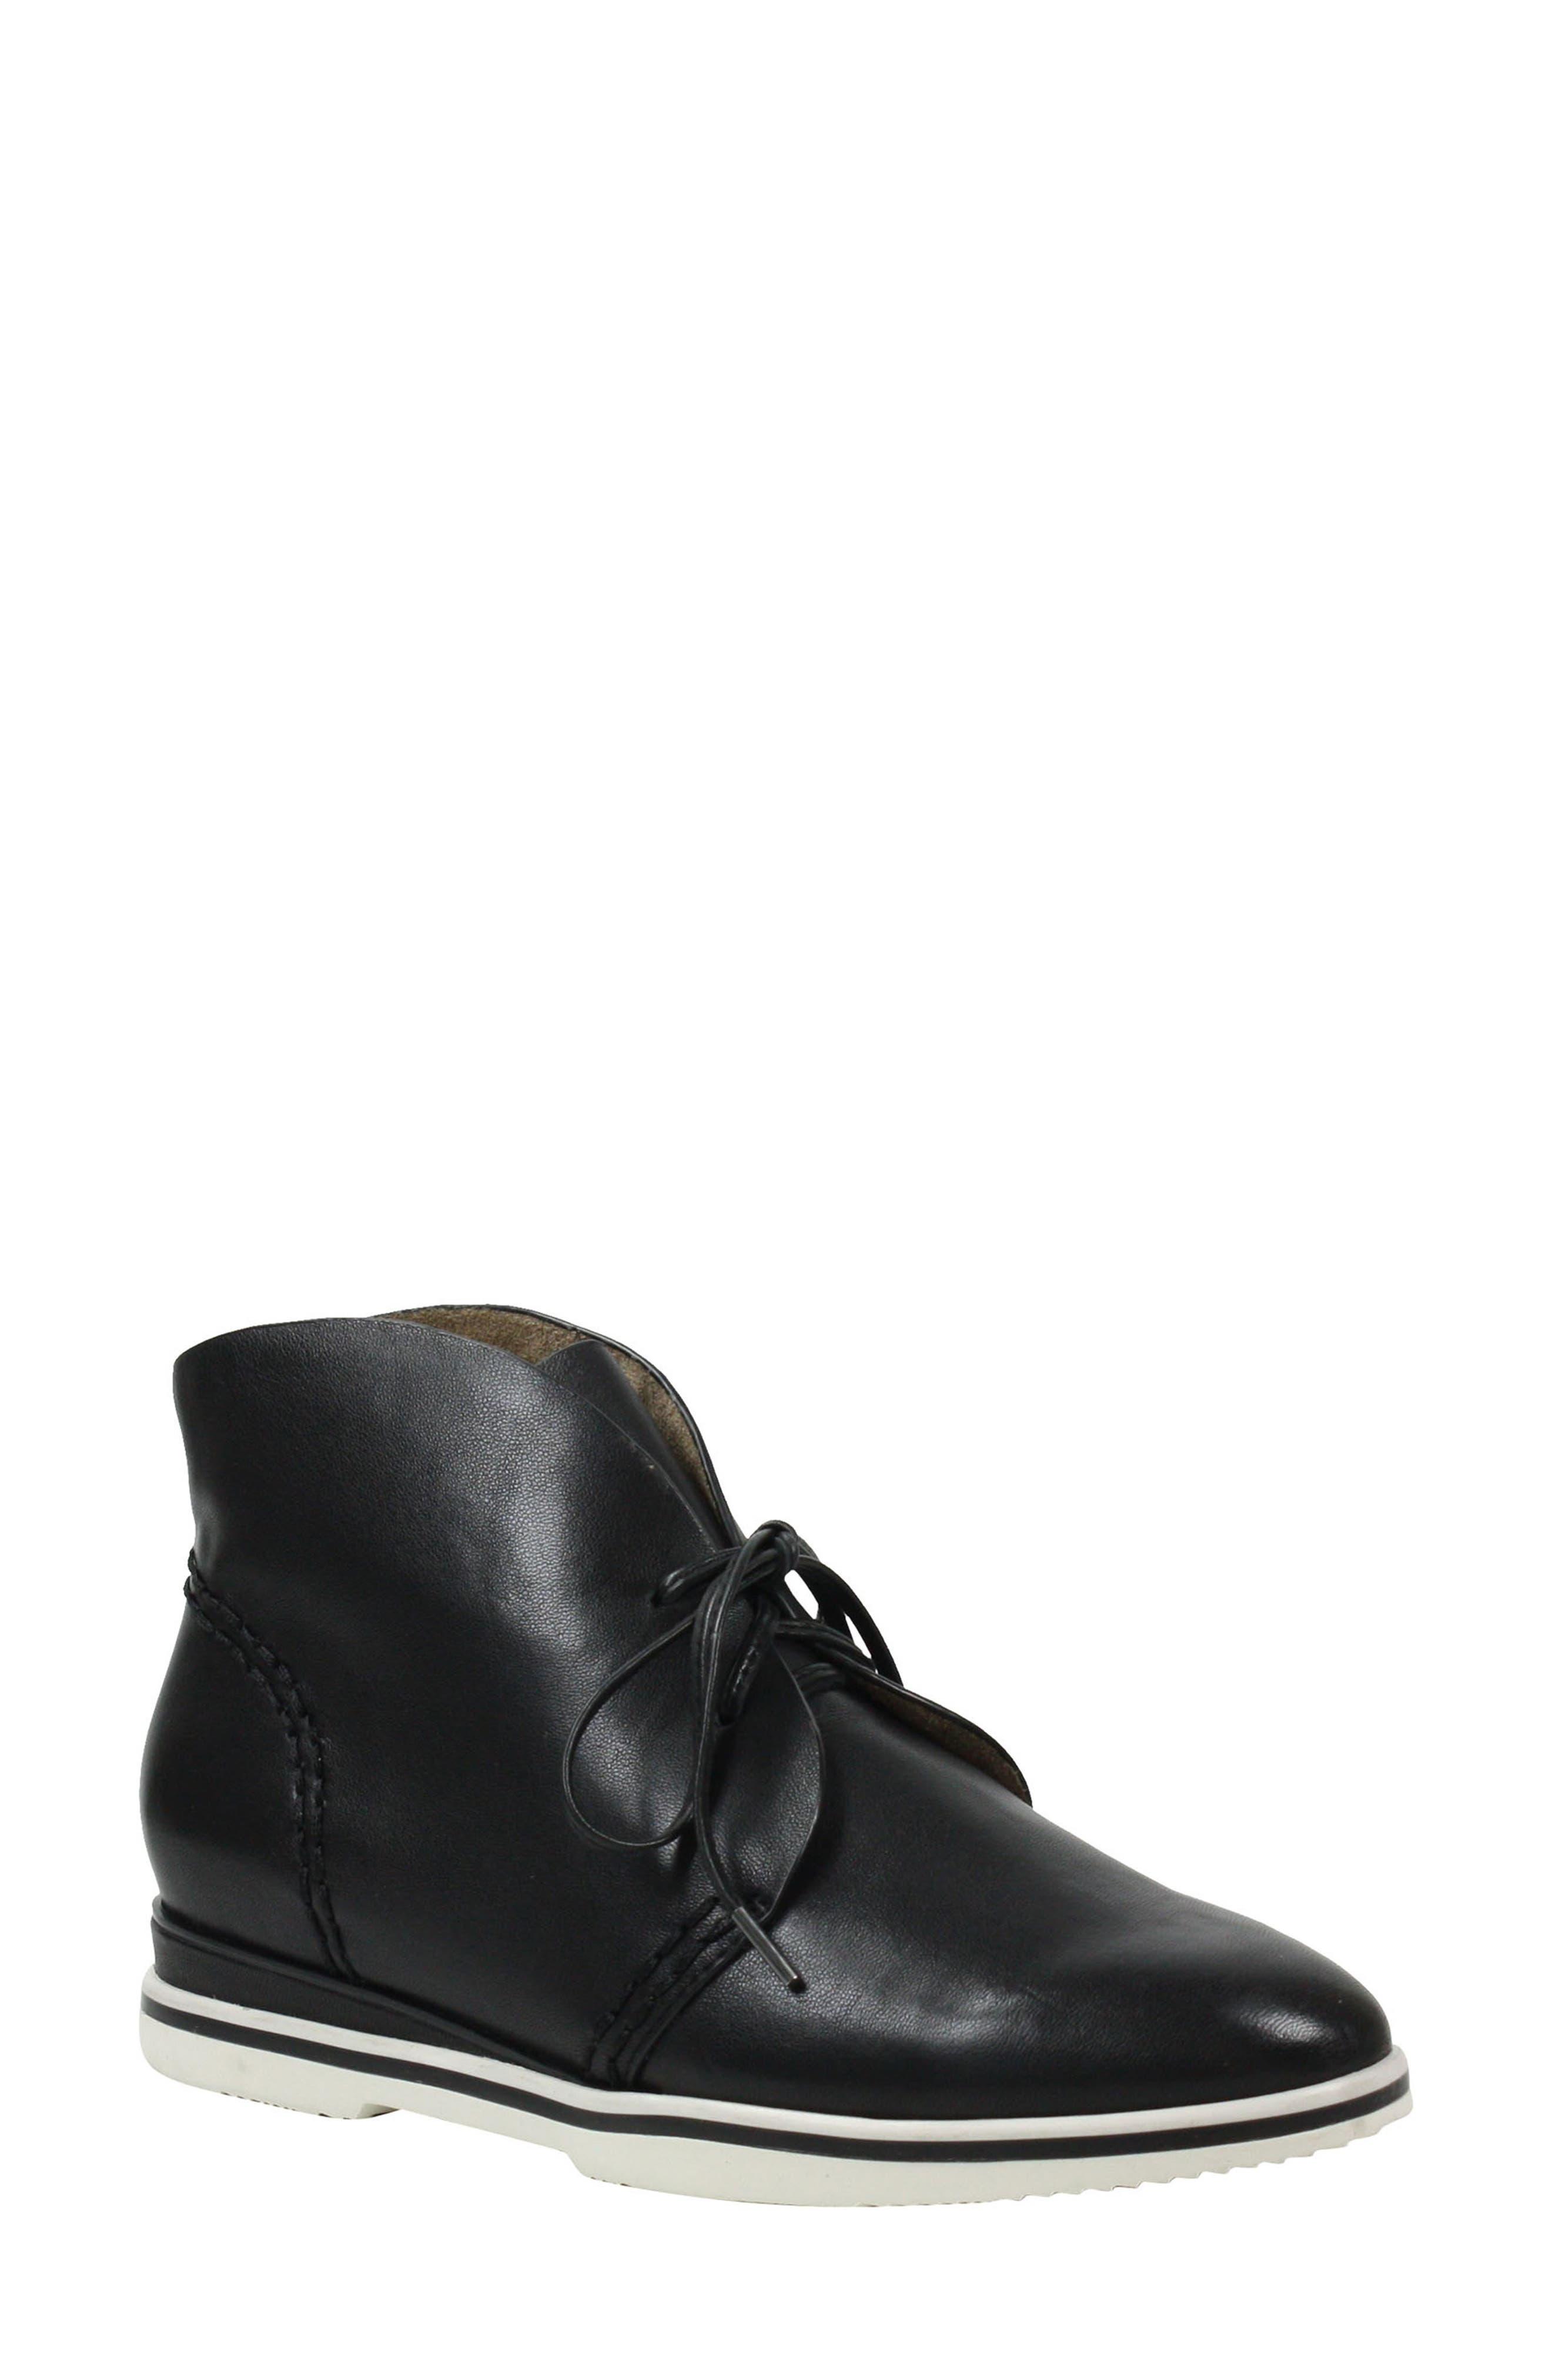 J. Renee Addalla Chukka Boot, Black